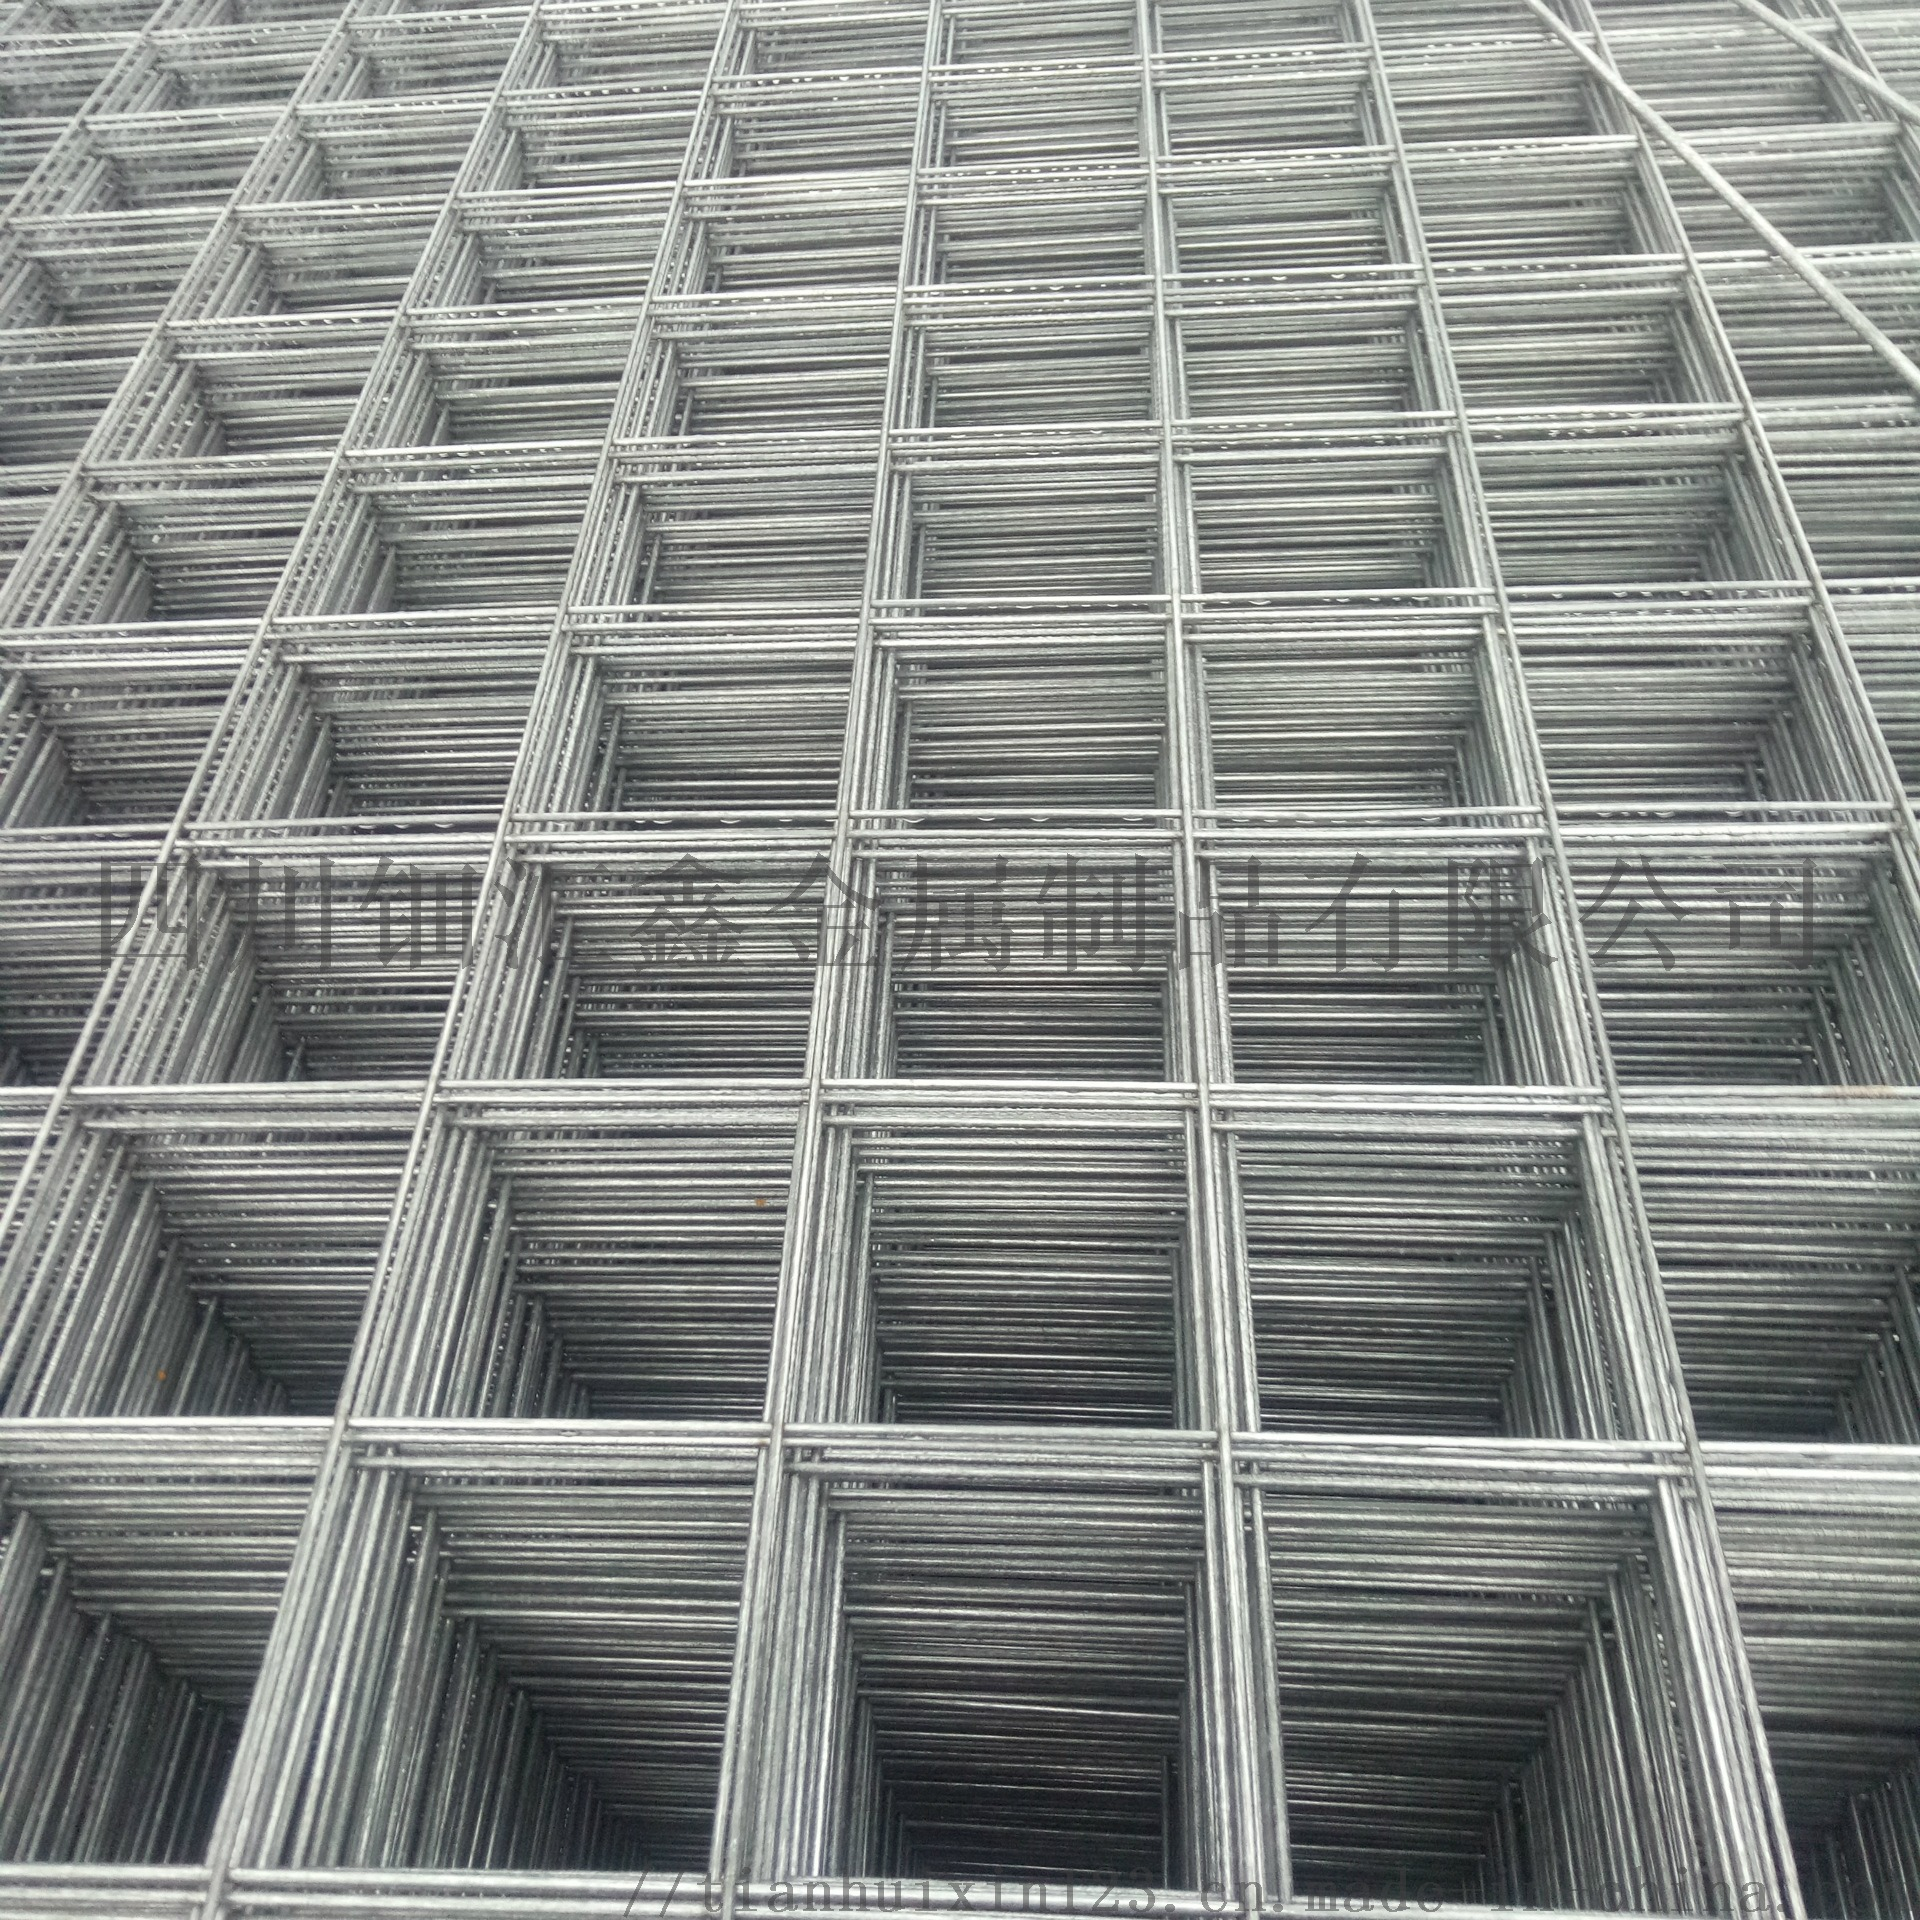 工地鋼筋網片建築網片地暖網片鋼芭網片60272262